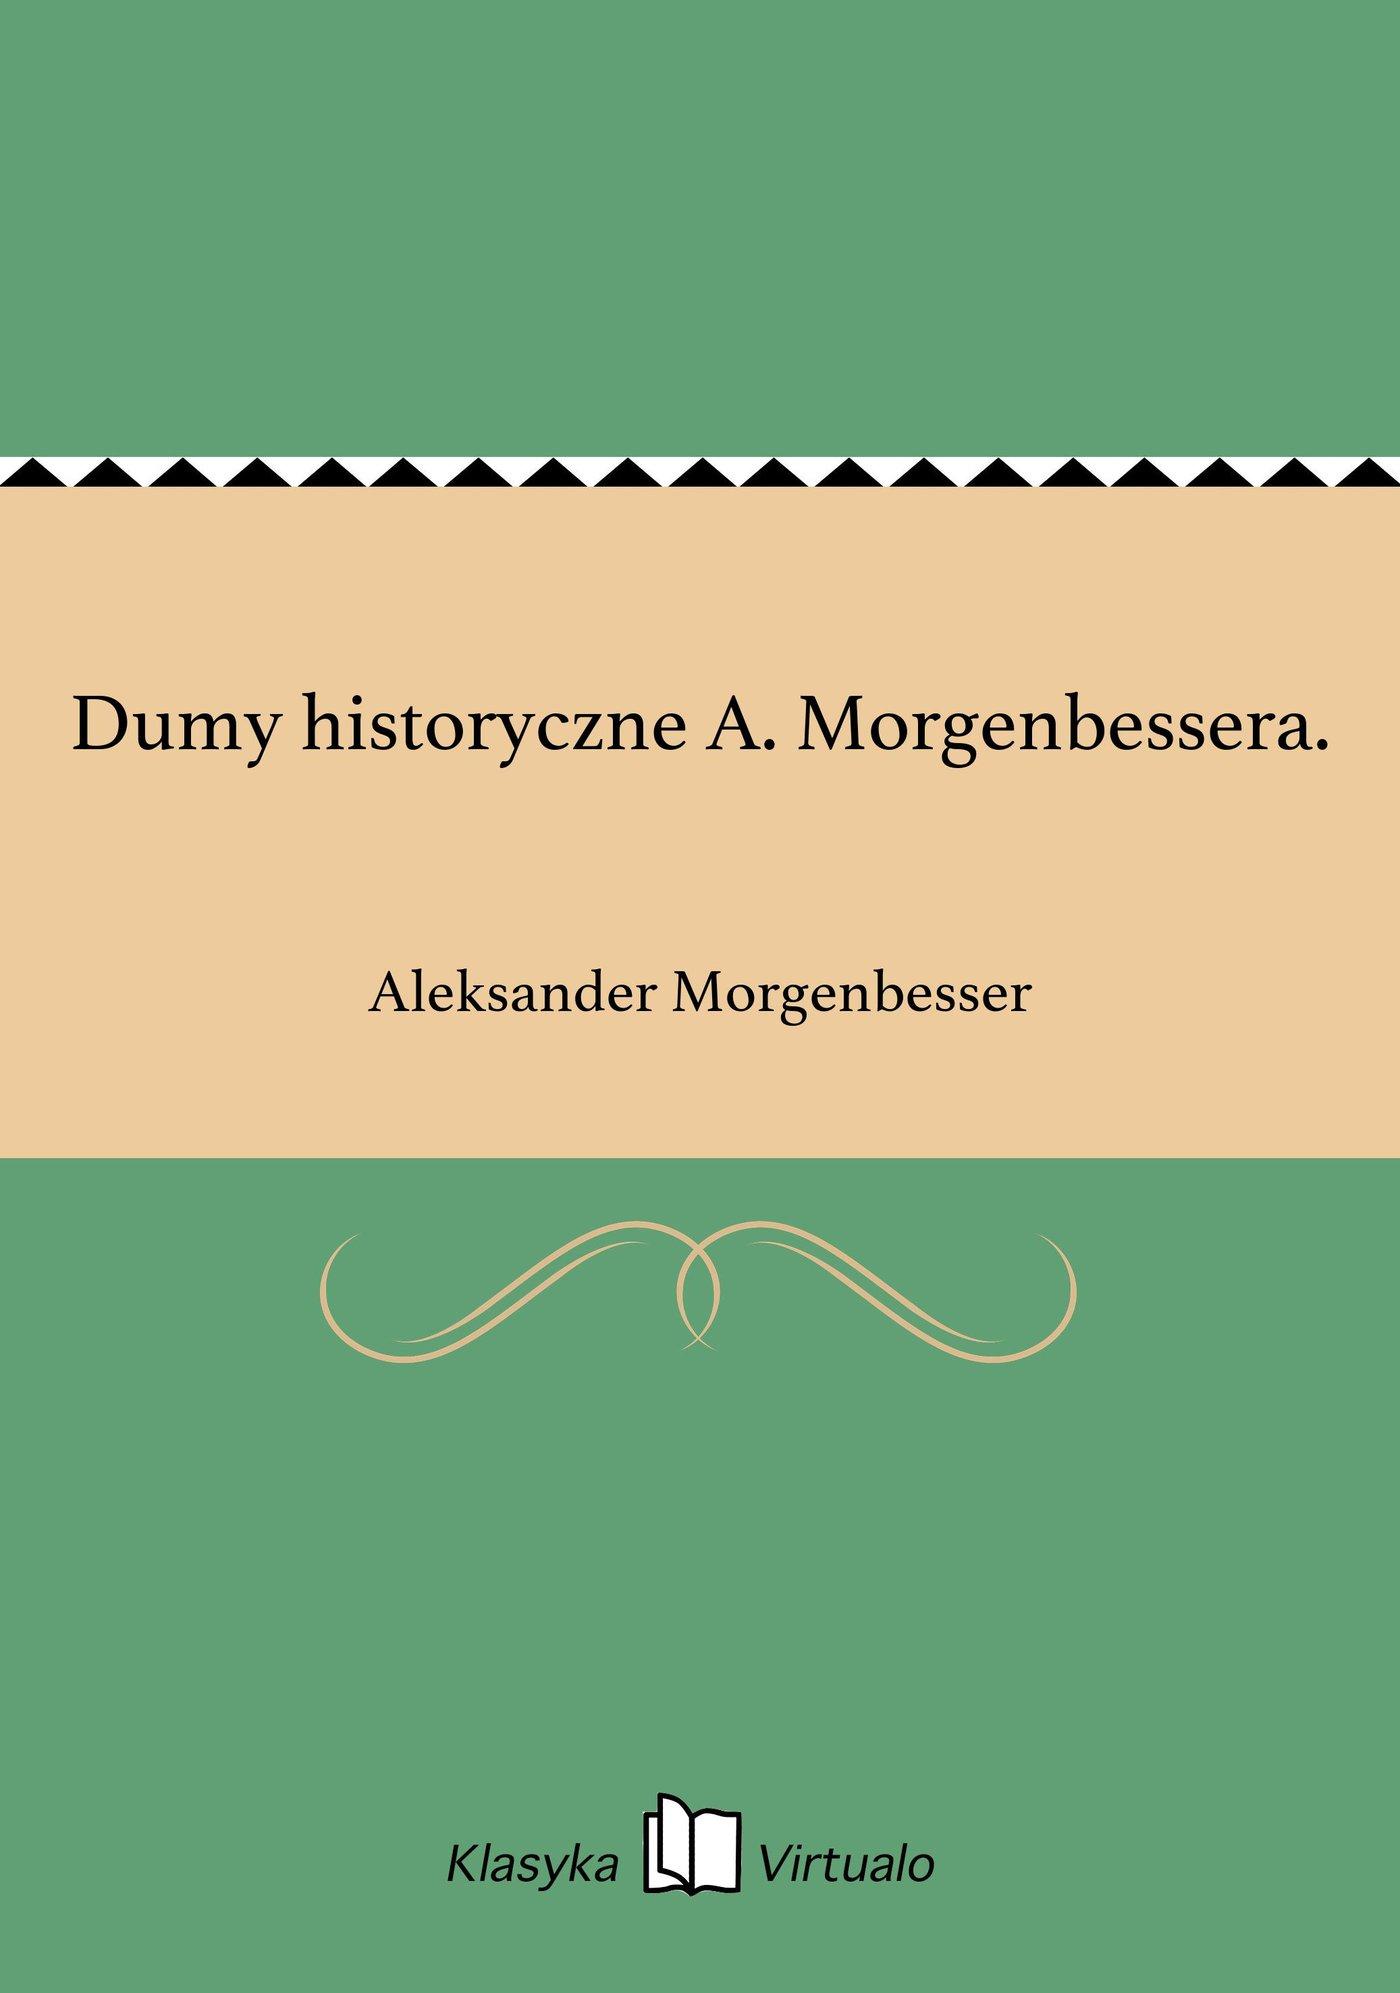 Dumy historyczne A. Morgenbessera. - Ebook (Książka EPUB) do pobrania w formacie EPUB